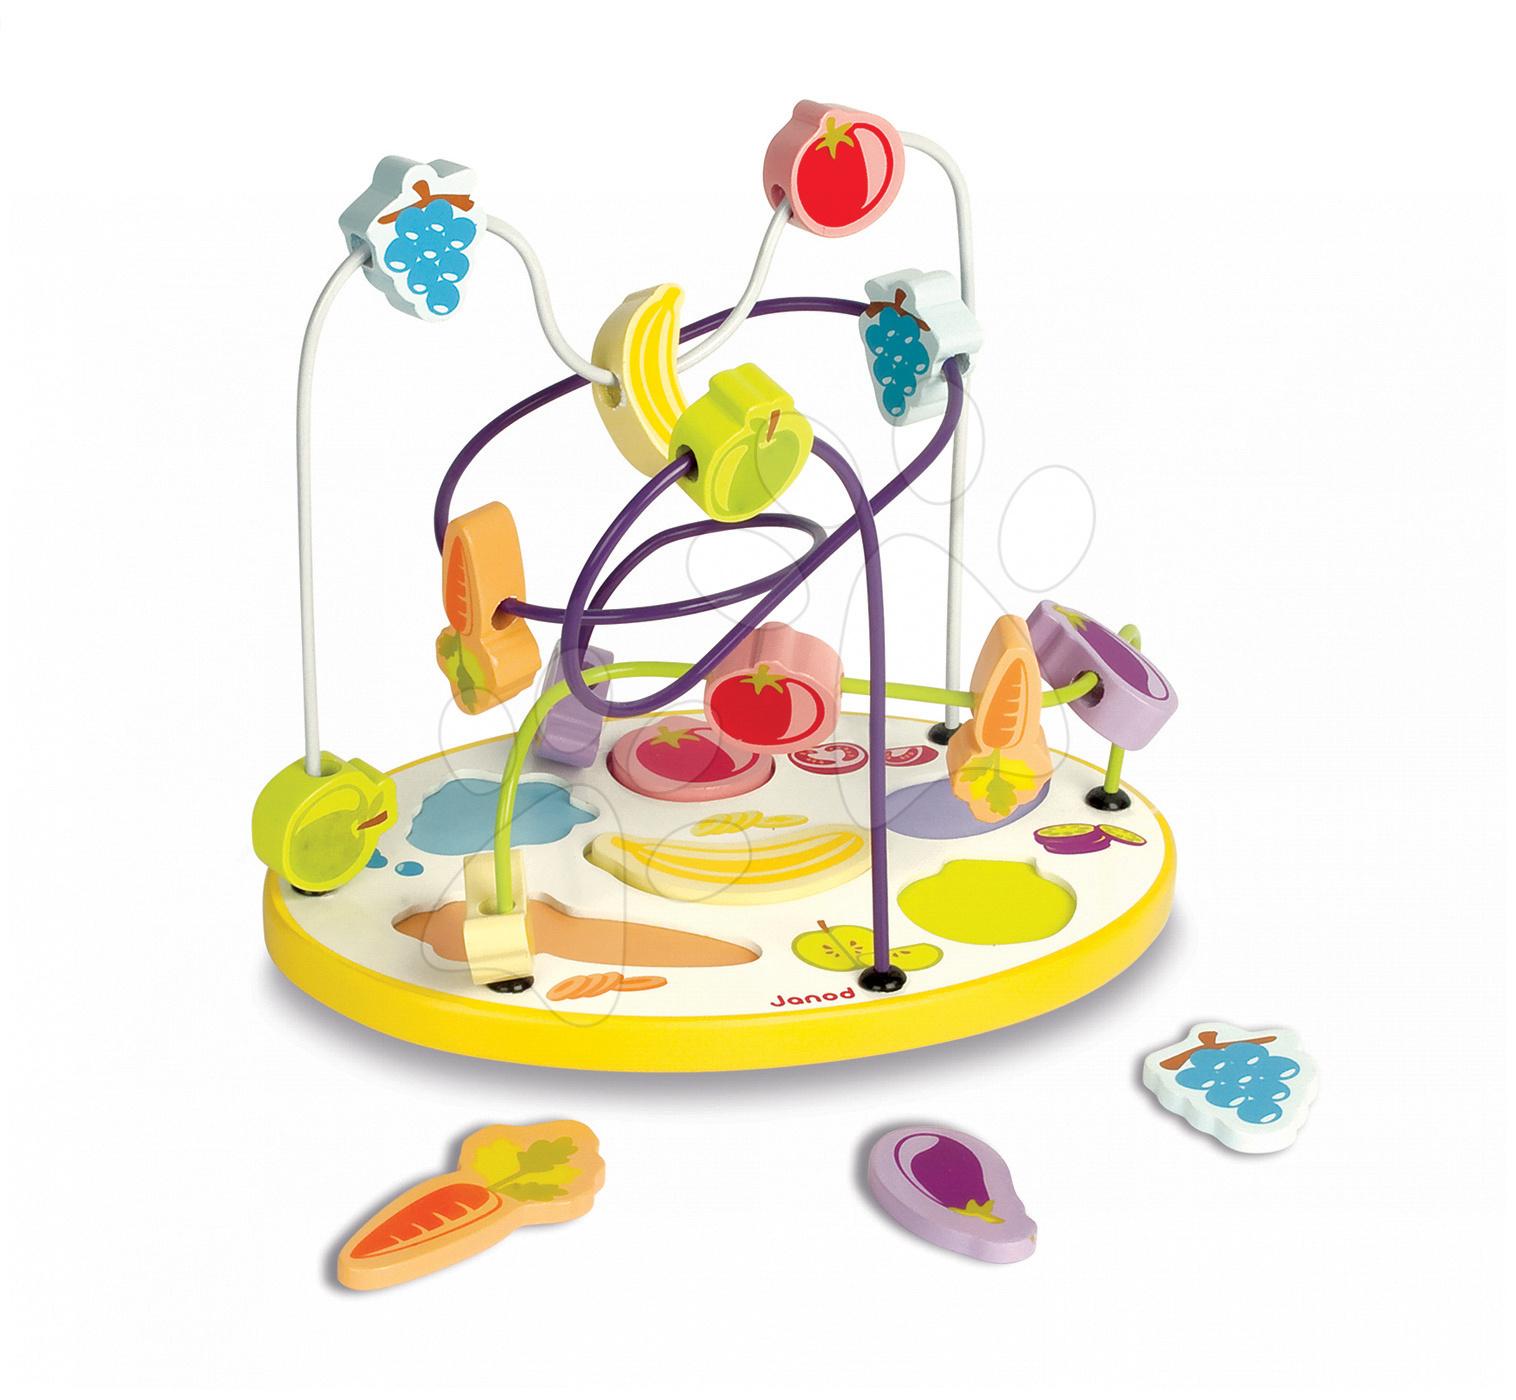 Vývoj motoriky - Drevený labyrint a puzzle Ovocie & zelenina Janod od 12 mes